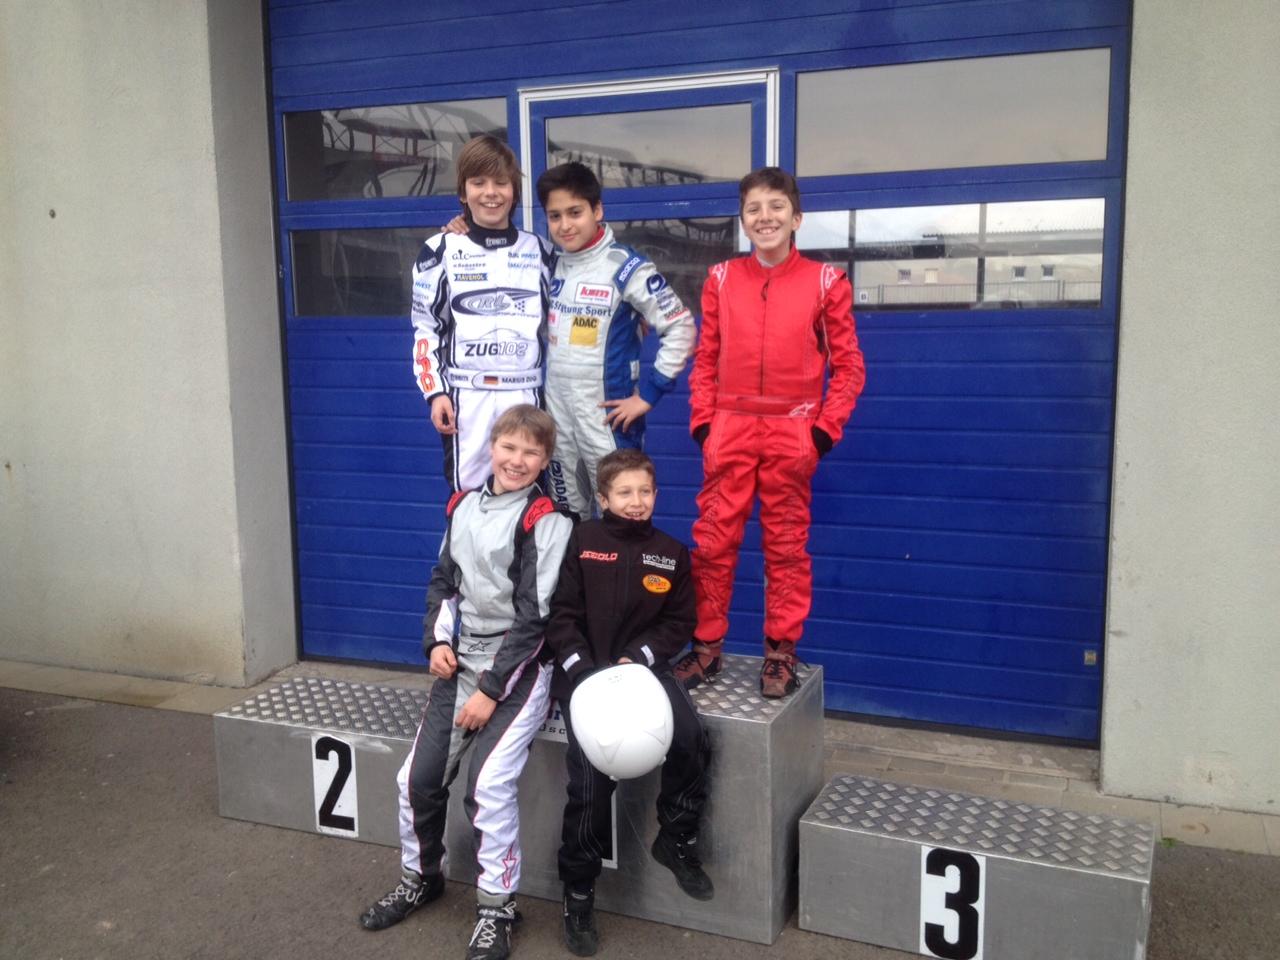 Winterpokal Oschersleben: Pole Position für Marius Zug